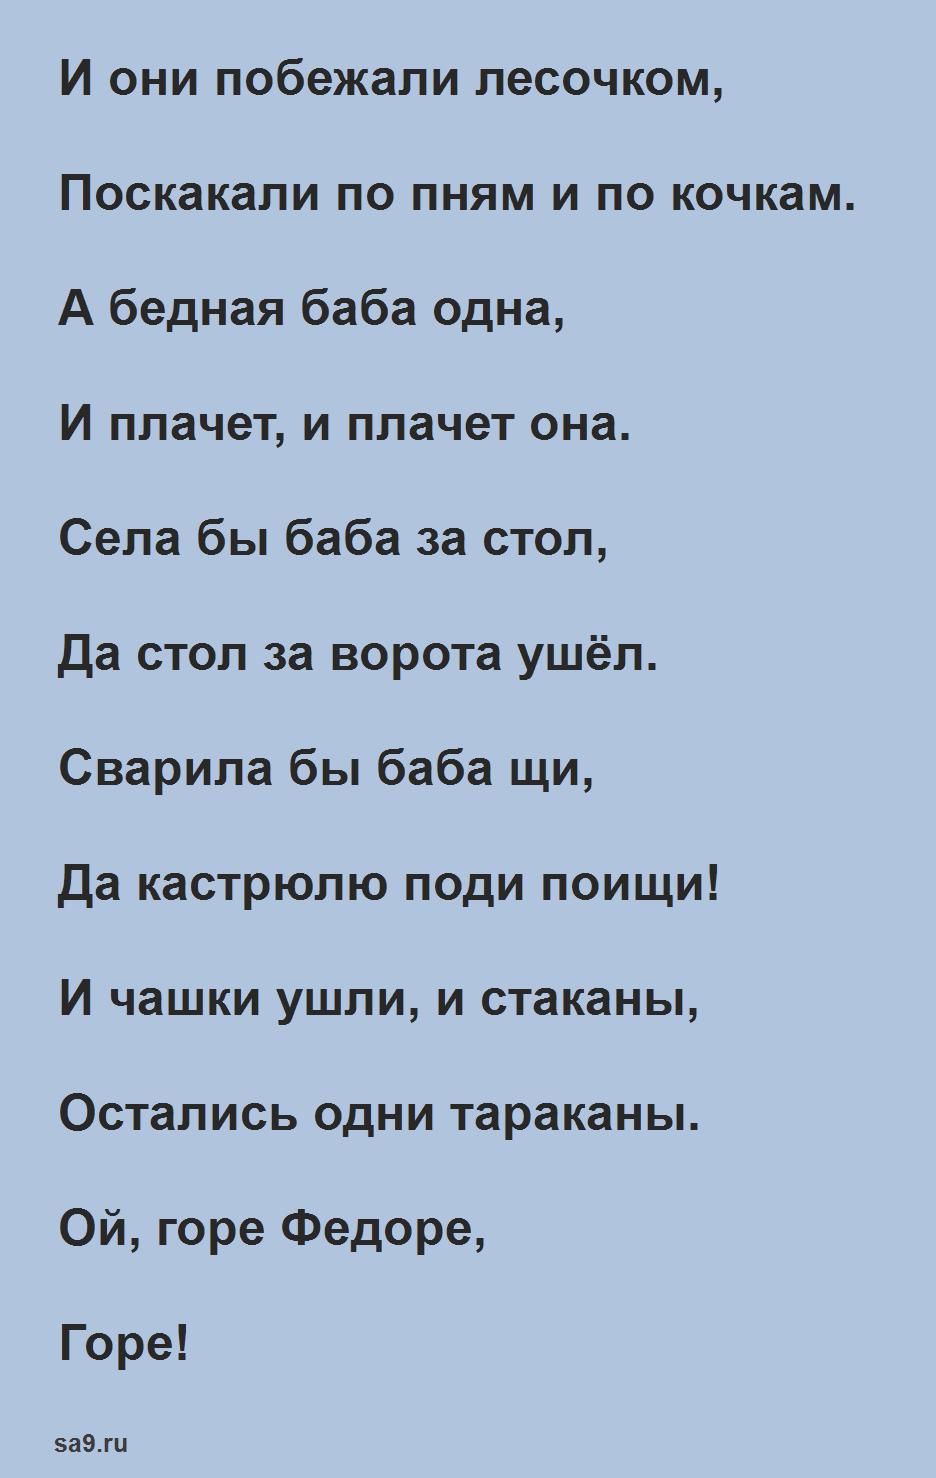 Читать сказку Чуковского для детей 'Федорино горе', полностью